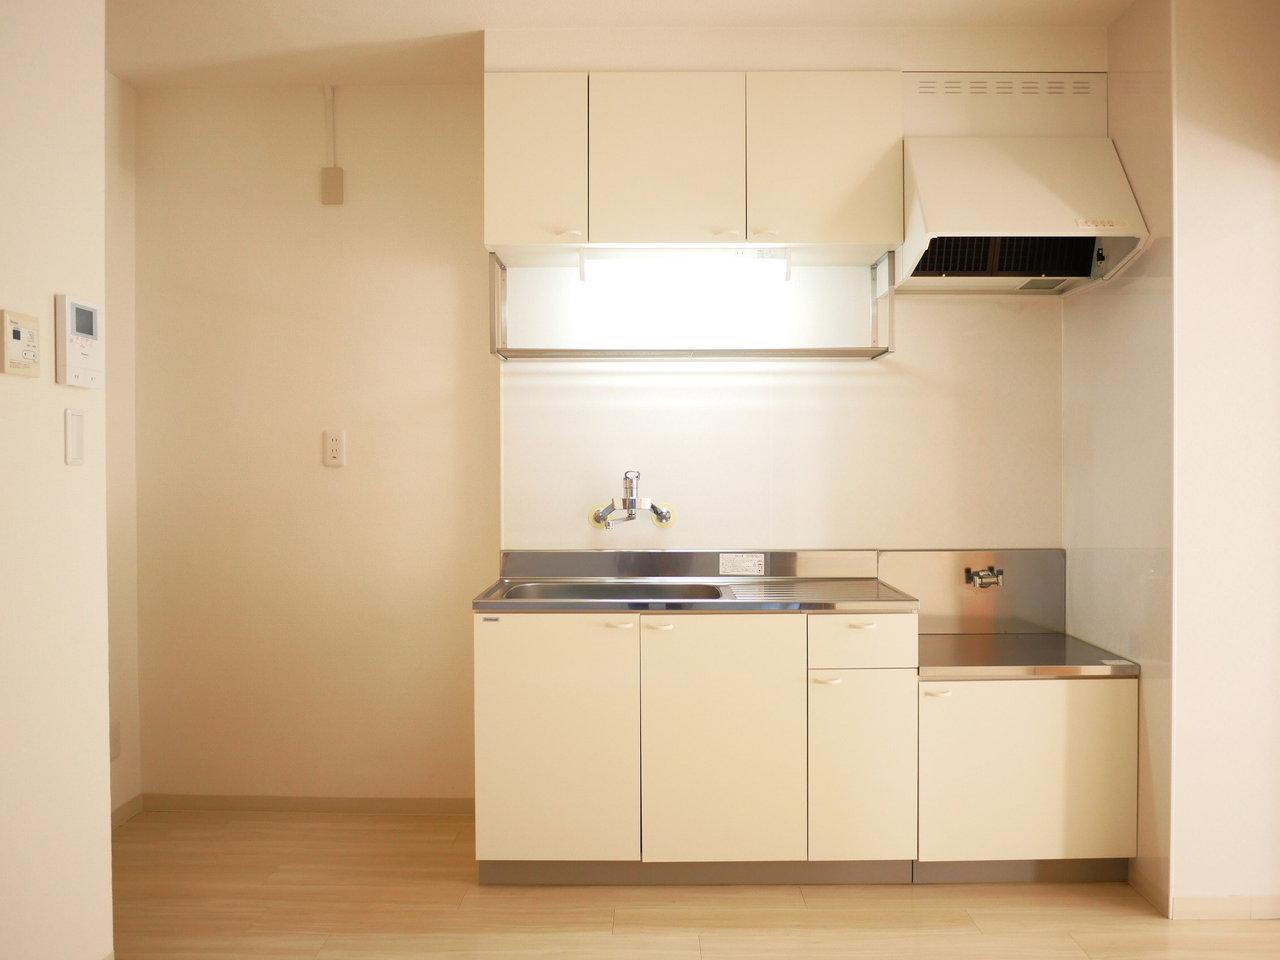 コンロは持ち込みになりますが、キッチン周りもきれいになっています。収納箇所も多く、吊り棚も。調味料を置いたり、調理器具をぶら下げたり…二人で雑誌に出てくるような素敵な空間をつくっていってください。